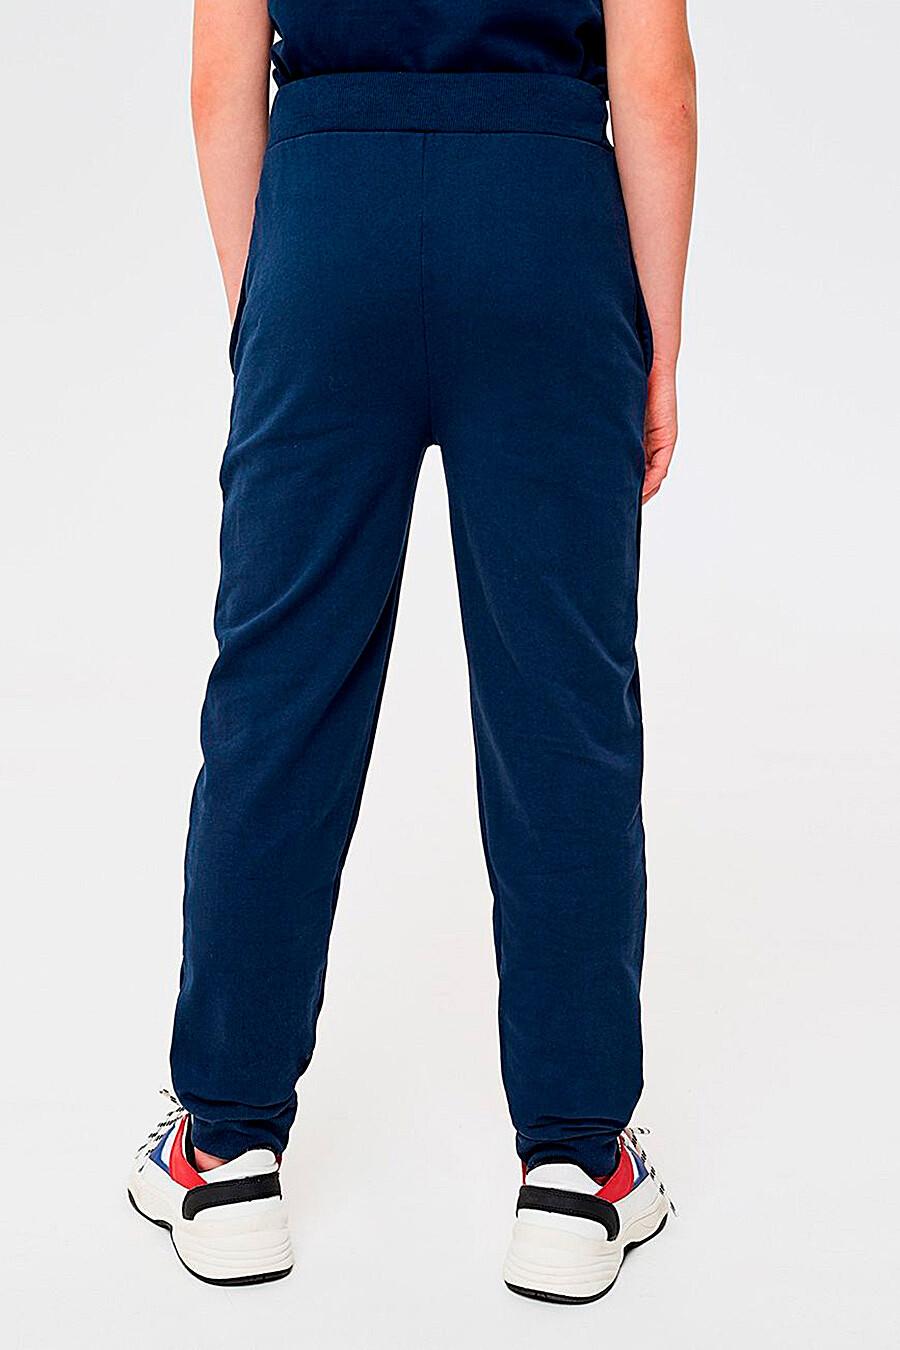 Брюки для мальчиков IN FUNT 289562 купить оптом от производителя. Совместная покупка детской одежды в OptMoyo